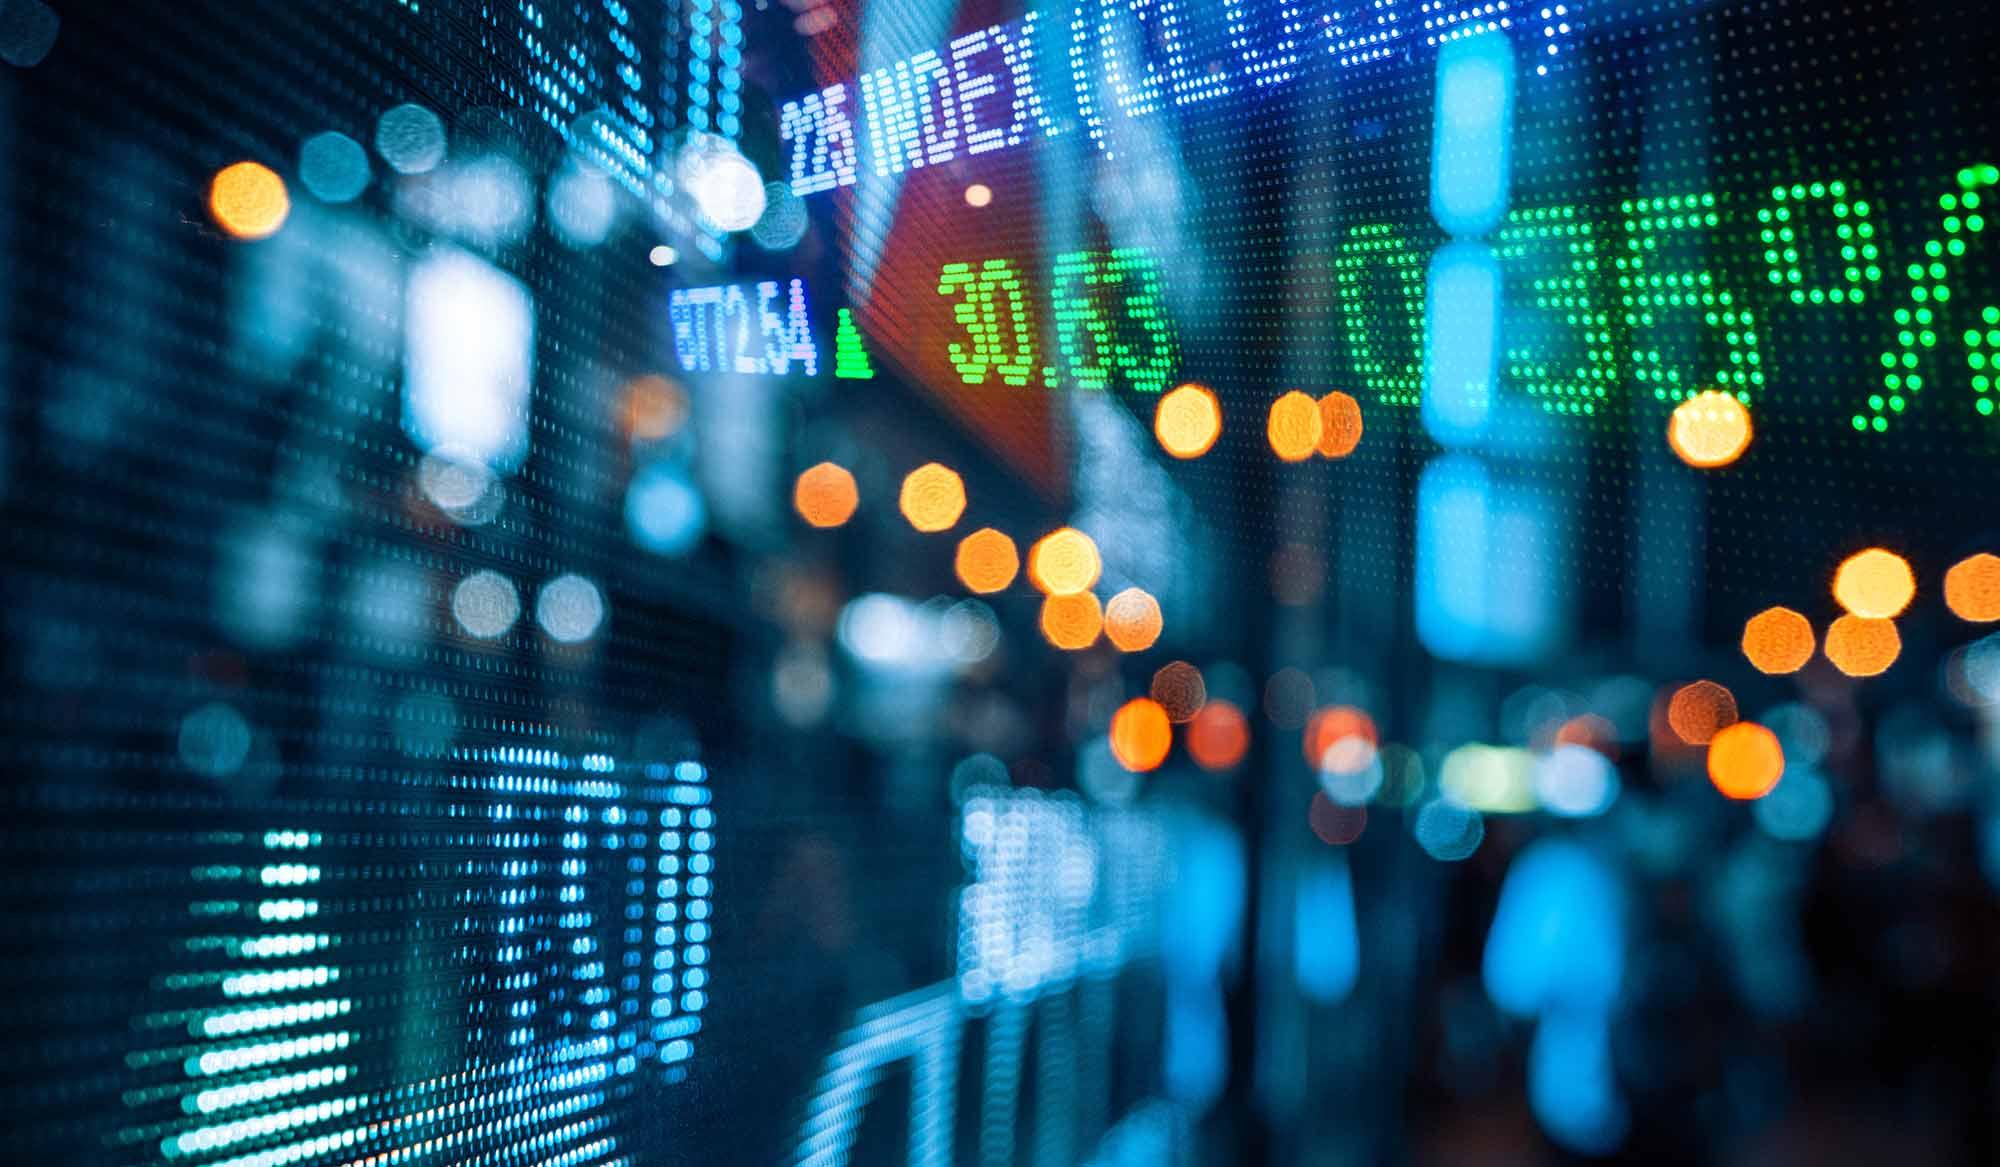 نگرانی ۴۸ ساعته سهامداران فعلا برطرف شد/ هراس سازمان بورس از هجوم نقدینگی به بازار سرمایه/ لزوم افزایش عرضه و ورود شرکتهای بزرگ به بورس/ تأثیر منفی تصمیمات شبانه در شرایط جنگ اقتصادی